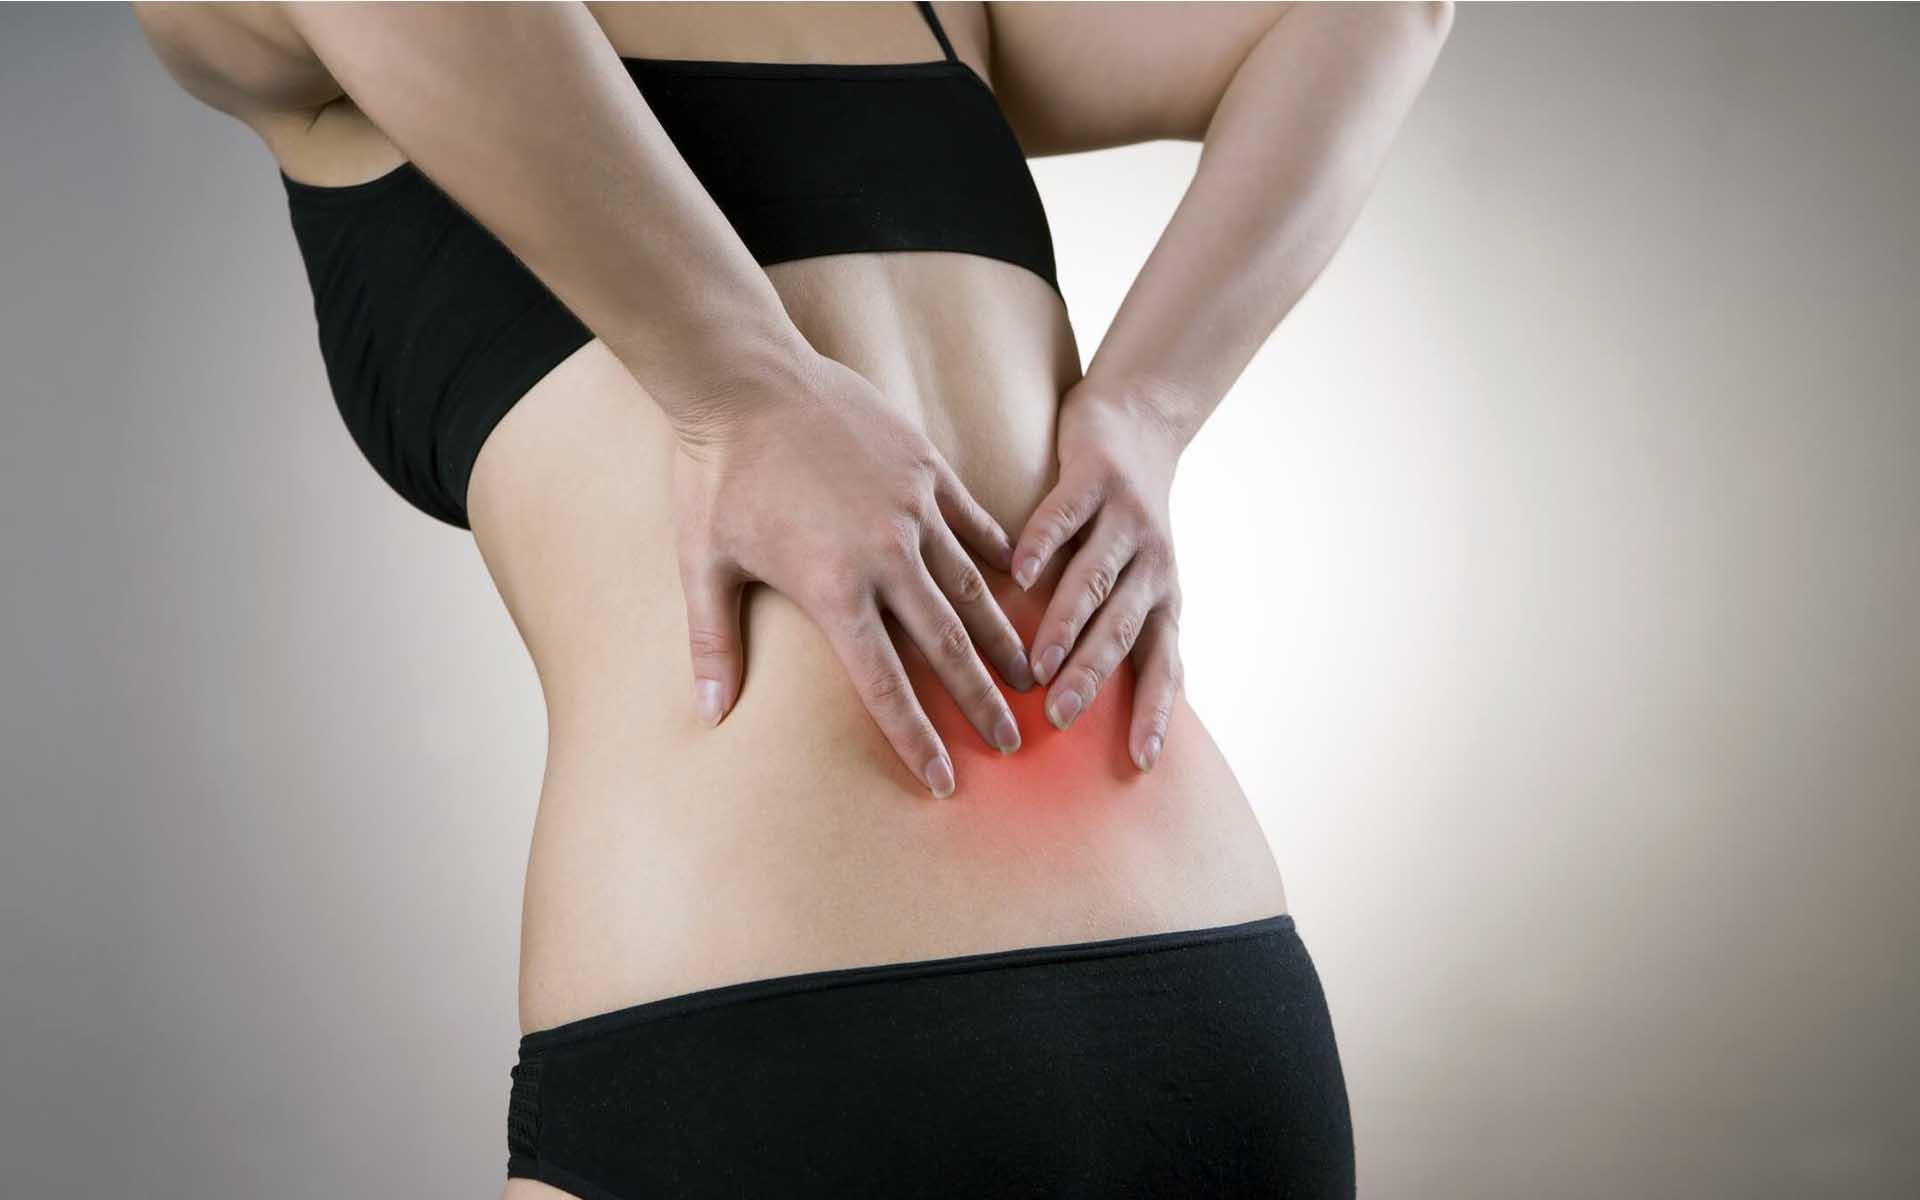 Болит спина в области поясницы - симптомы причины что делать способы лечения